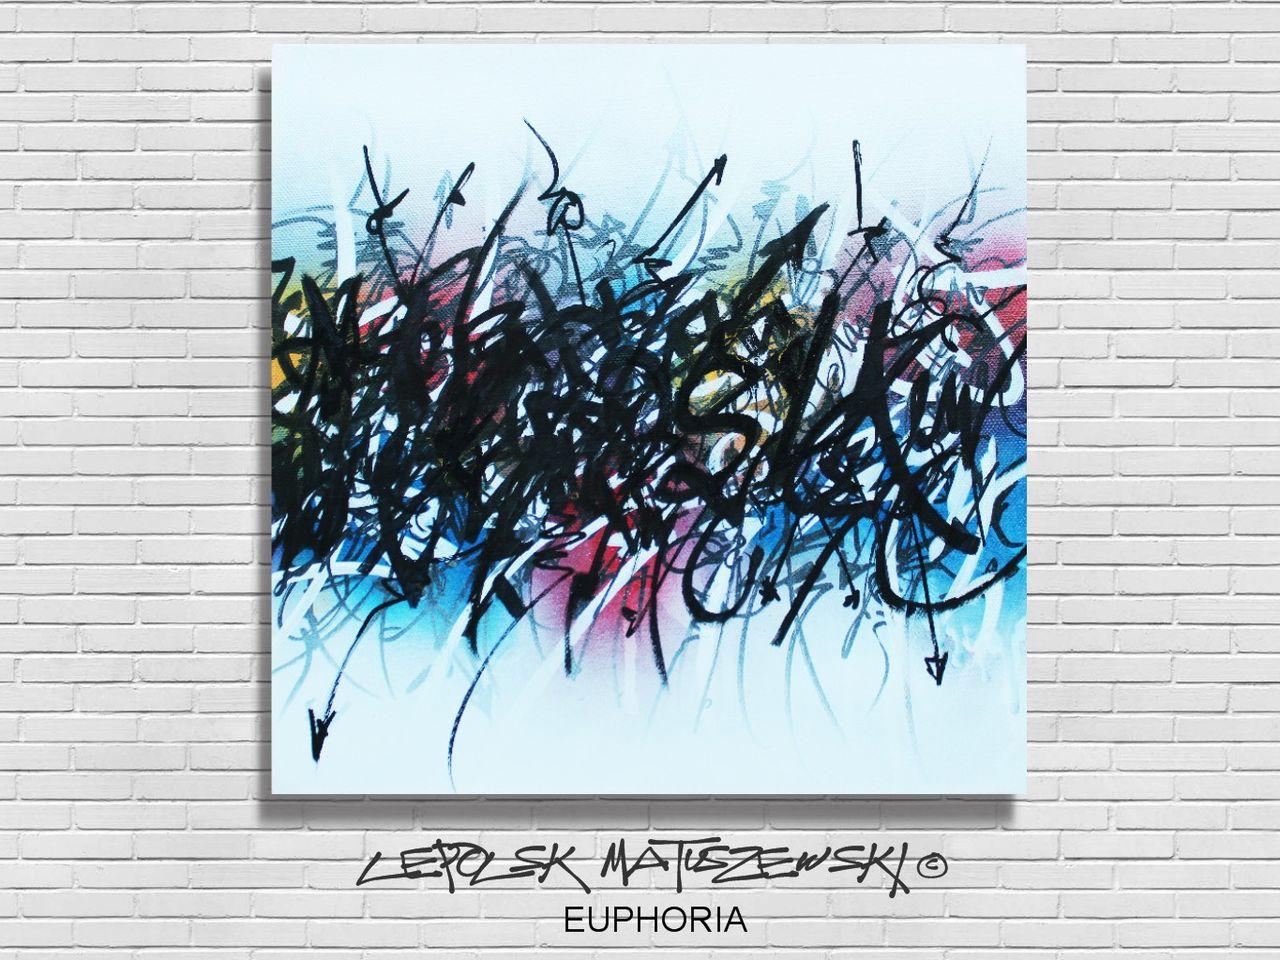 MK  Lepolsk Matuszewski EUPHORIA street art calligraffiti graffiti abstrait